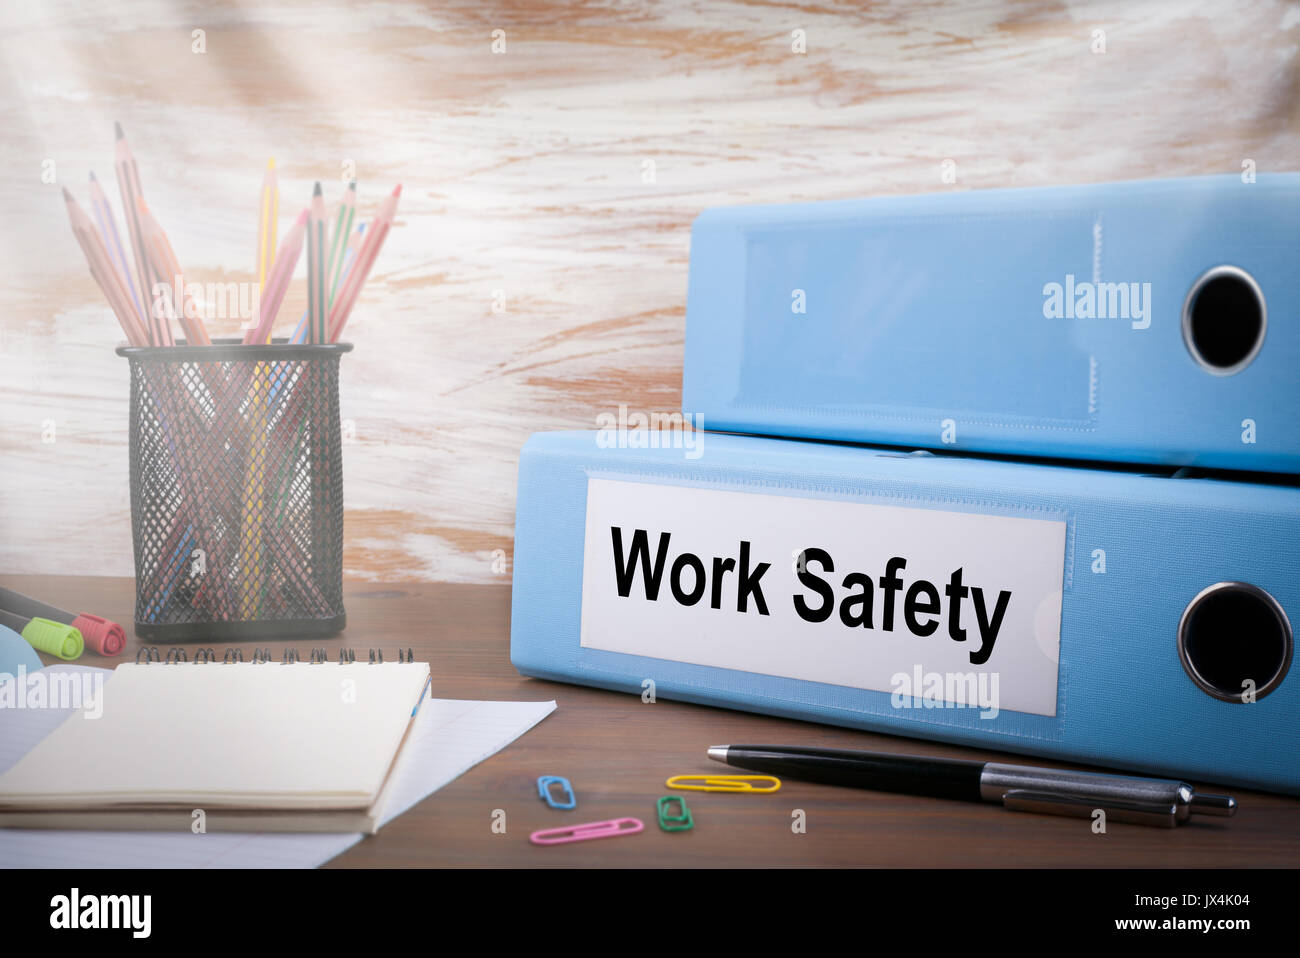 La sécurité du travail, office cahier sur un bureau en bois. sur la table des crayons, stylo, papier de l'ordinateur portable. Photo Stock